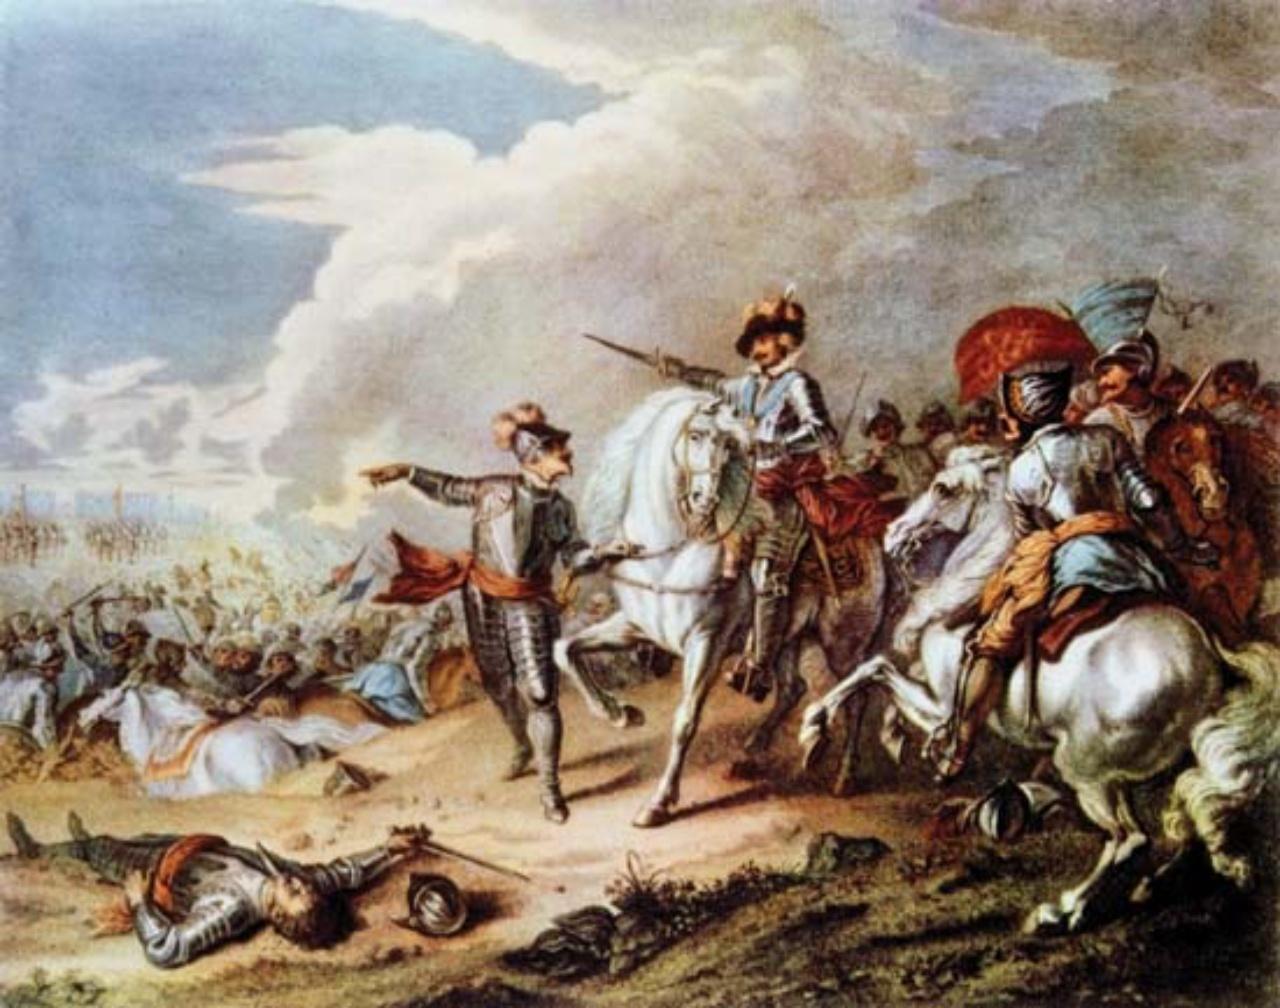 ภาพวาดจำลองสถานการณ์สงครามกลางเมืองอังกฤษ